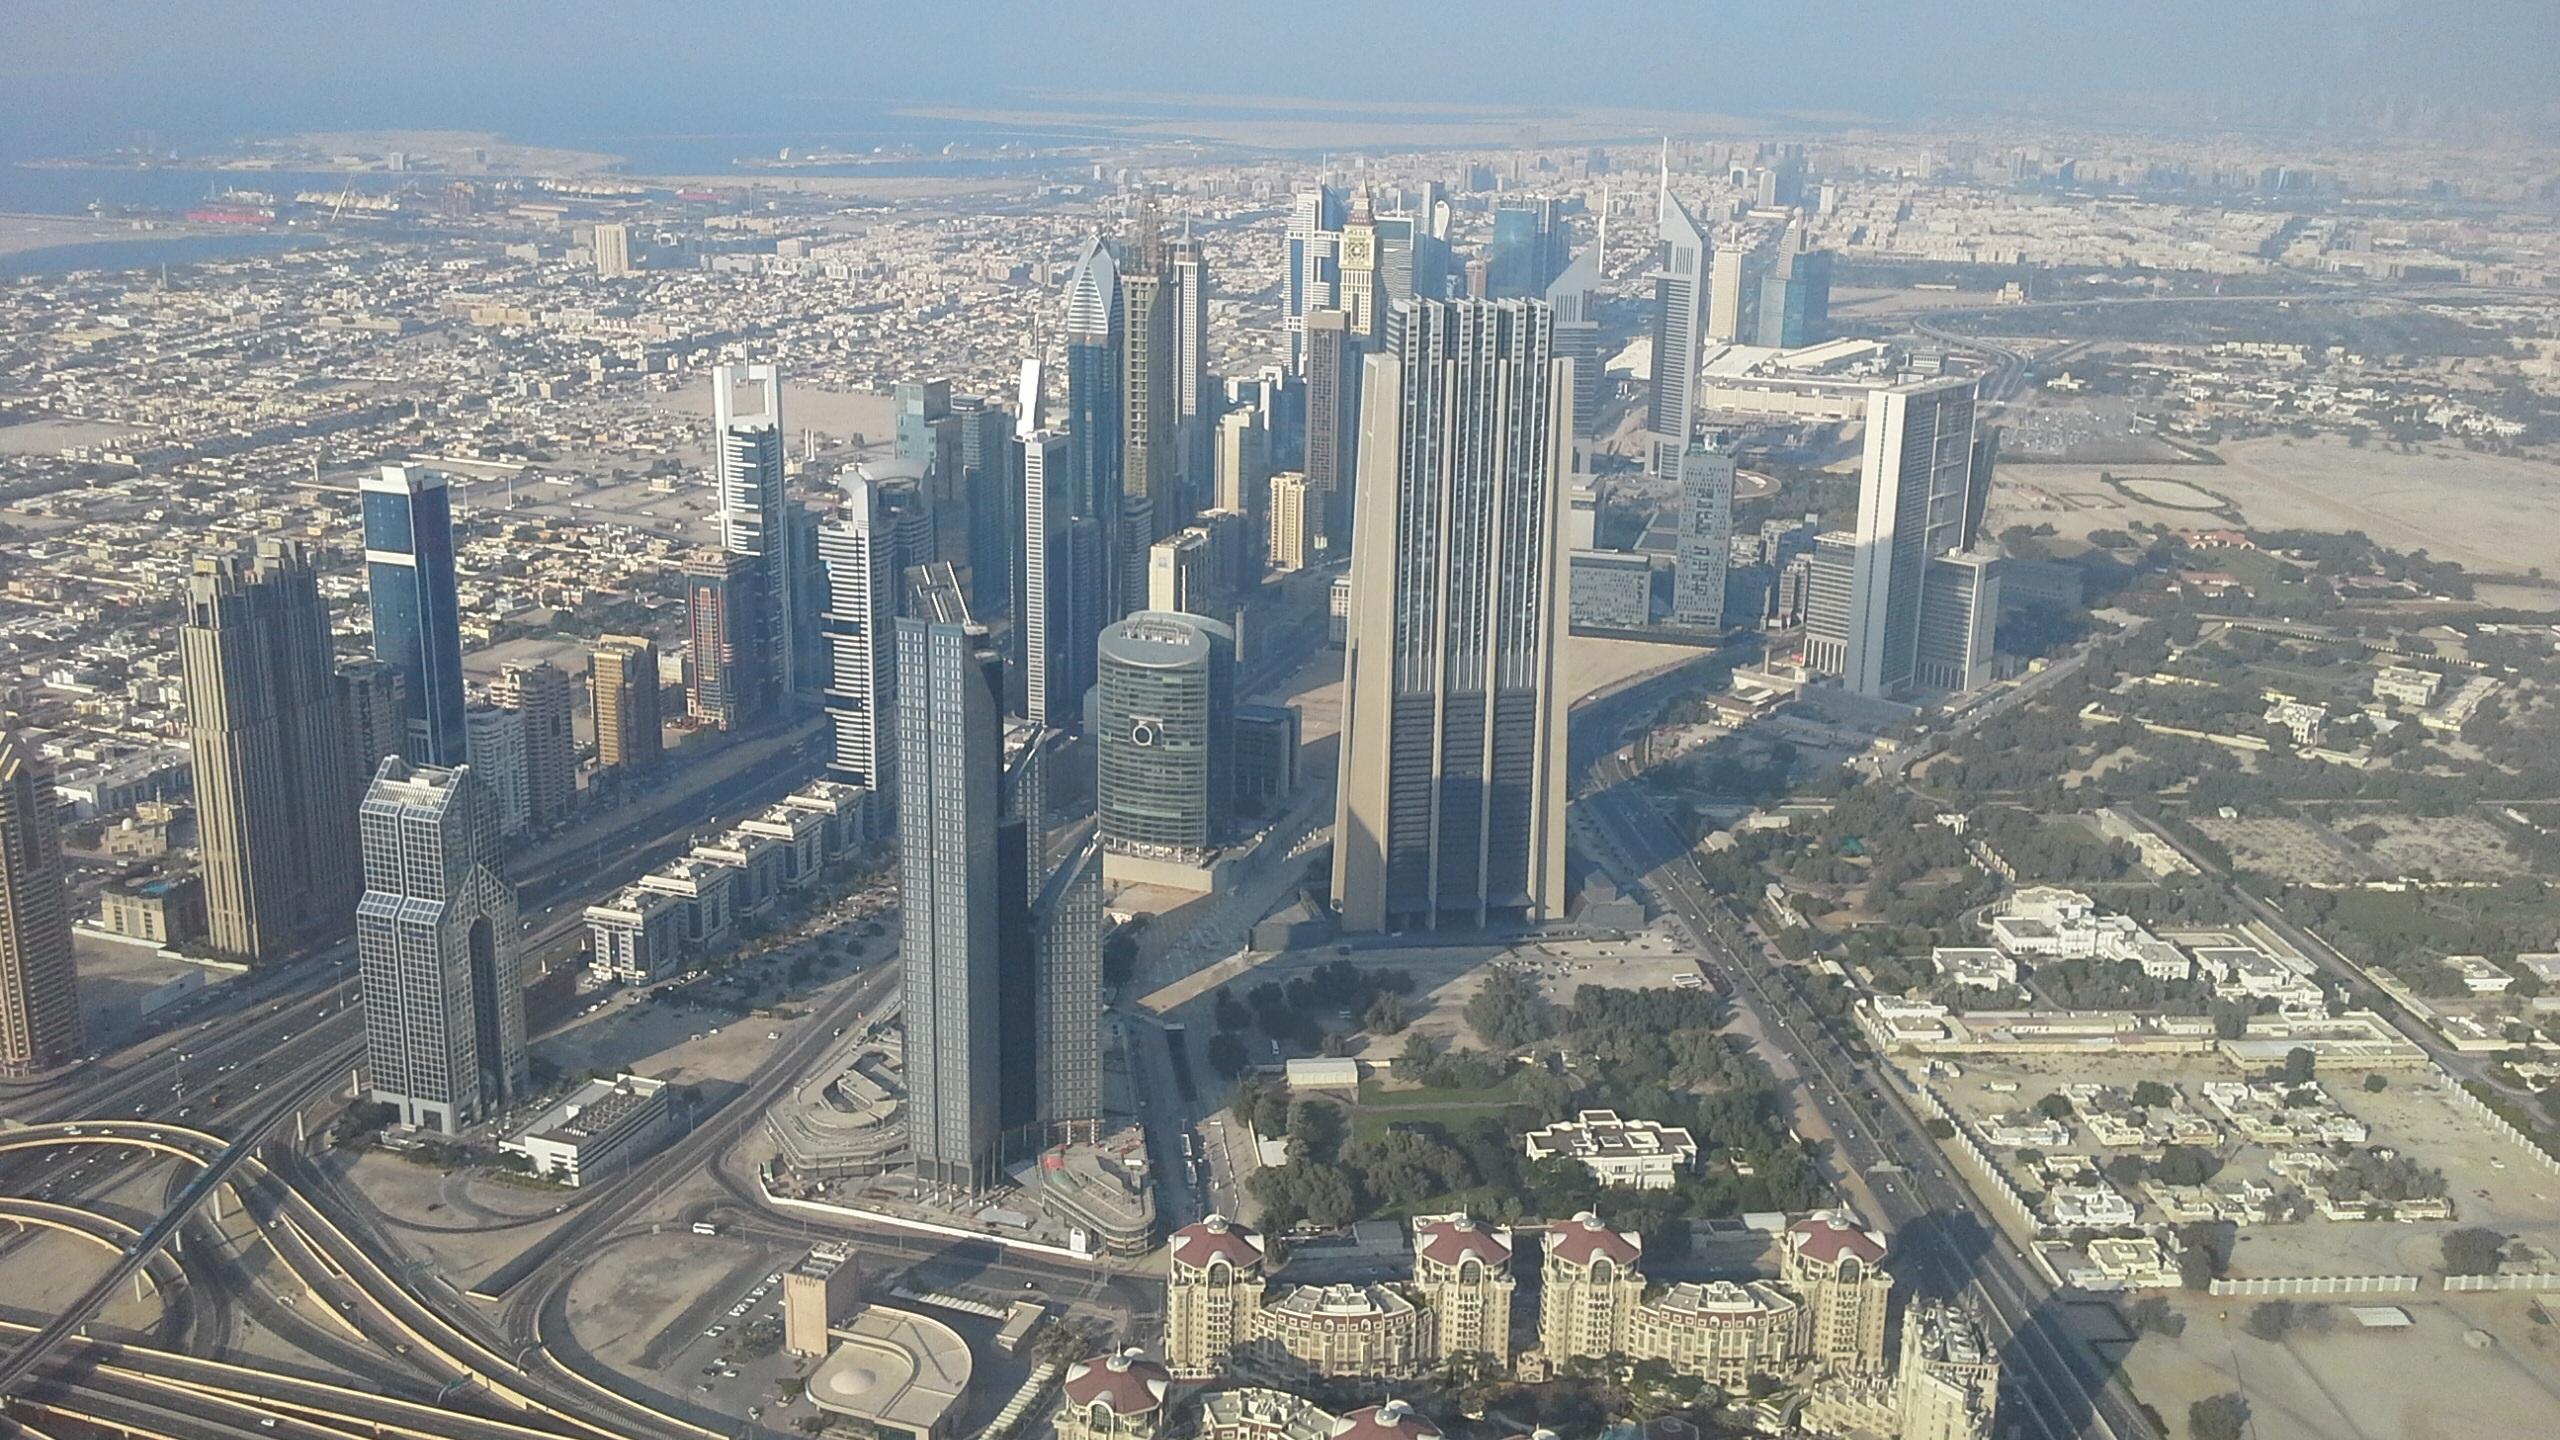 fotos gratis horizonte rascacielos paisaje urbano centro de la ciudad torre dubai punto de referencia bloque de pisos el parte superior